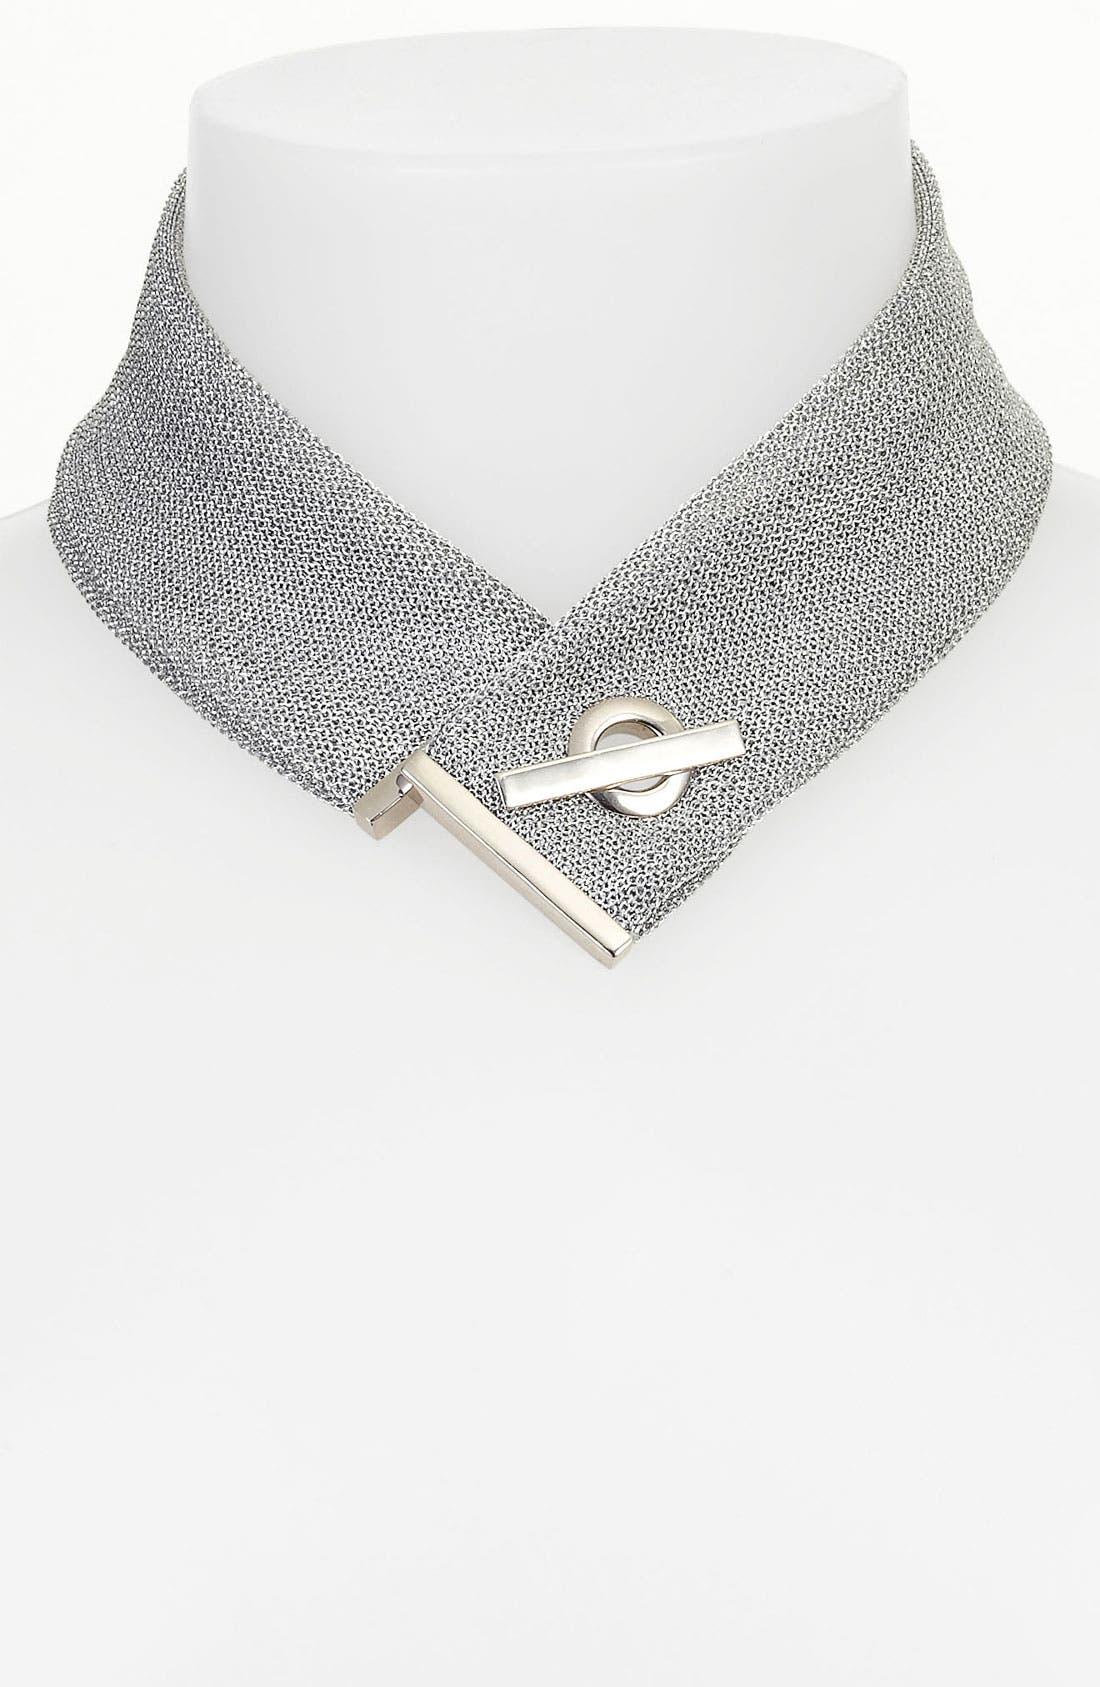 Main Image - Adami & Martucci 'Mesh' Collar Necklace (Nordstrom Exclusive)